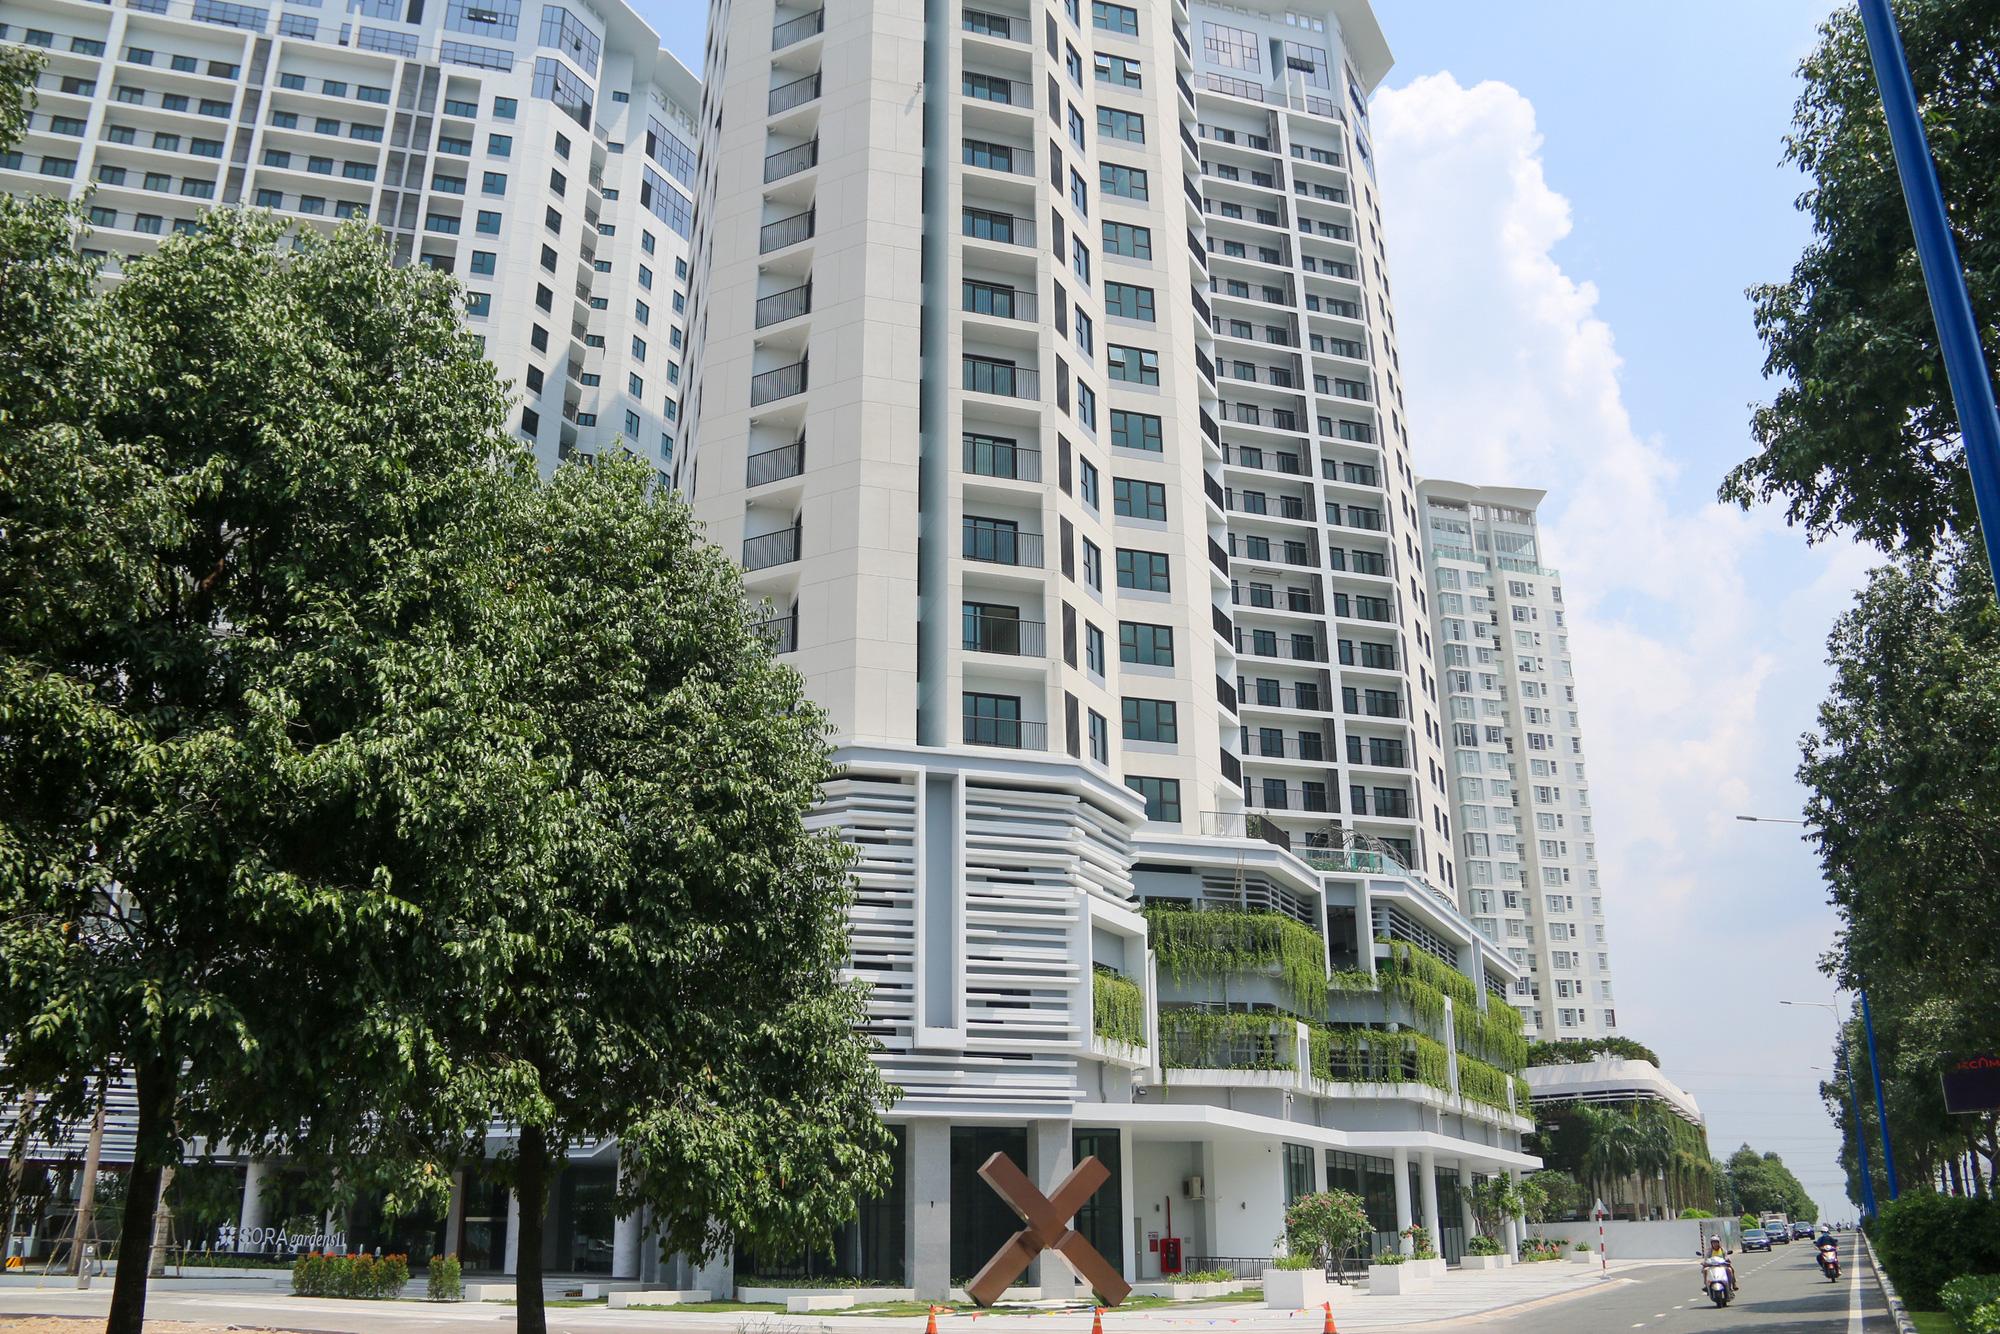 Ba khu vực ven TP HCM thu hút đầu tư bất động sản cao sau khi dịch bệnh được kiểm soát - Ảnh 1.